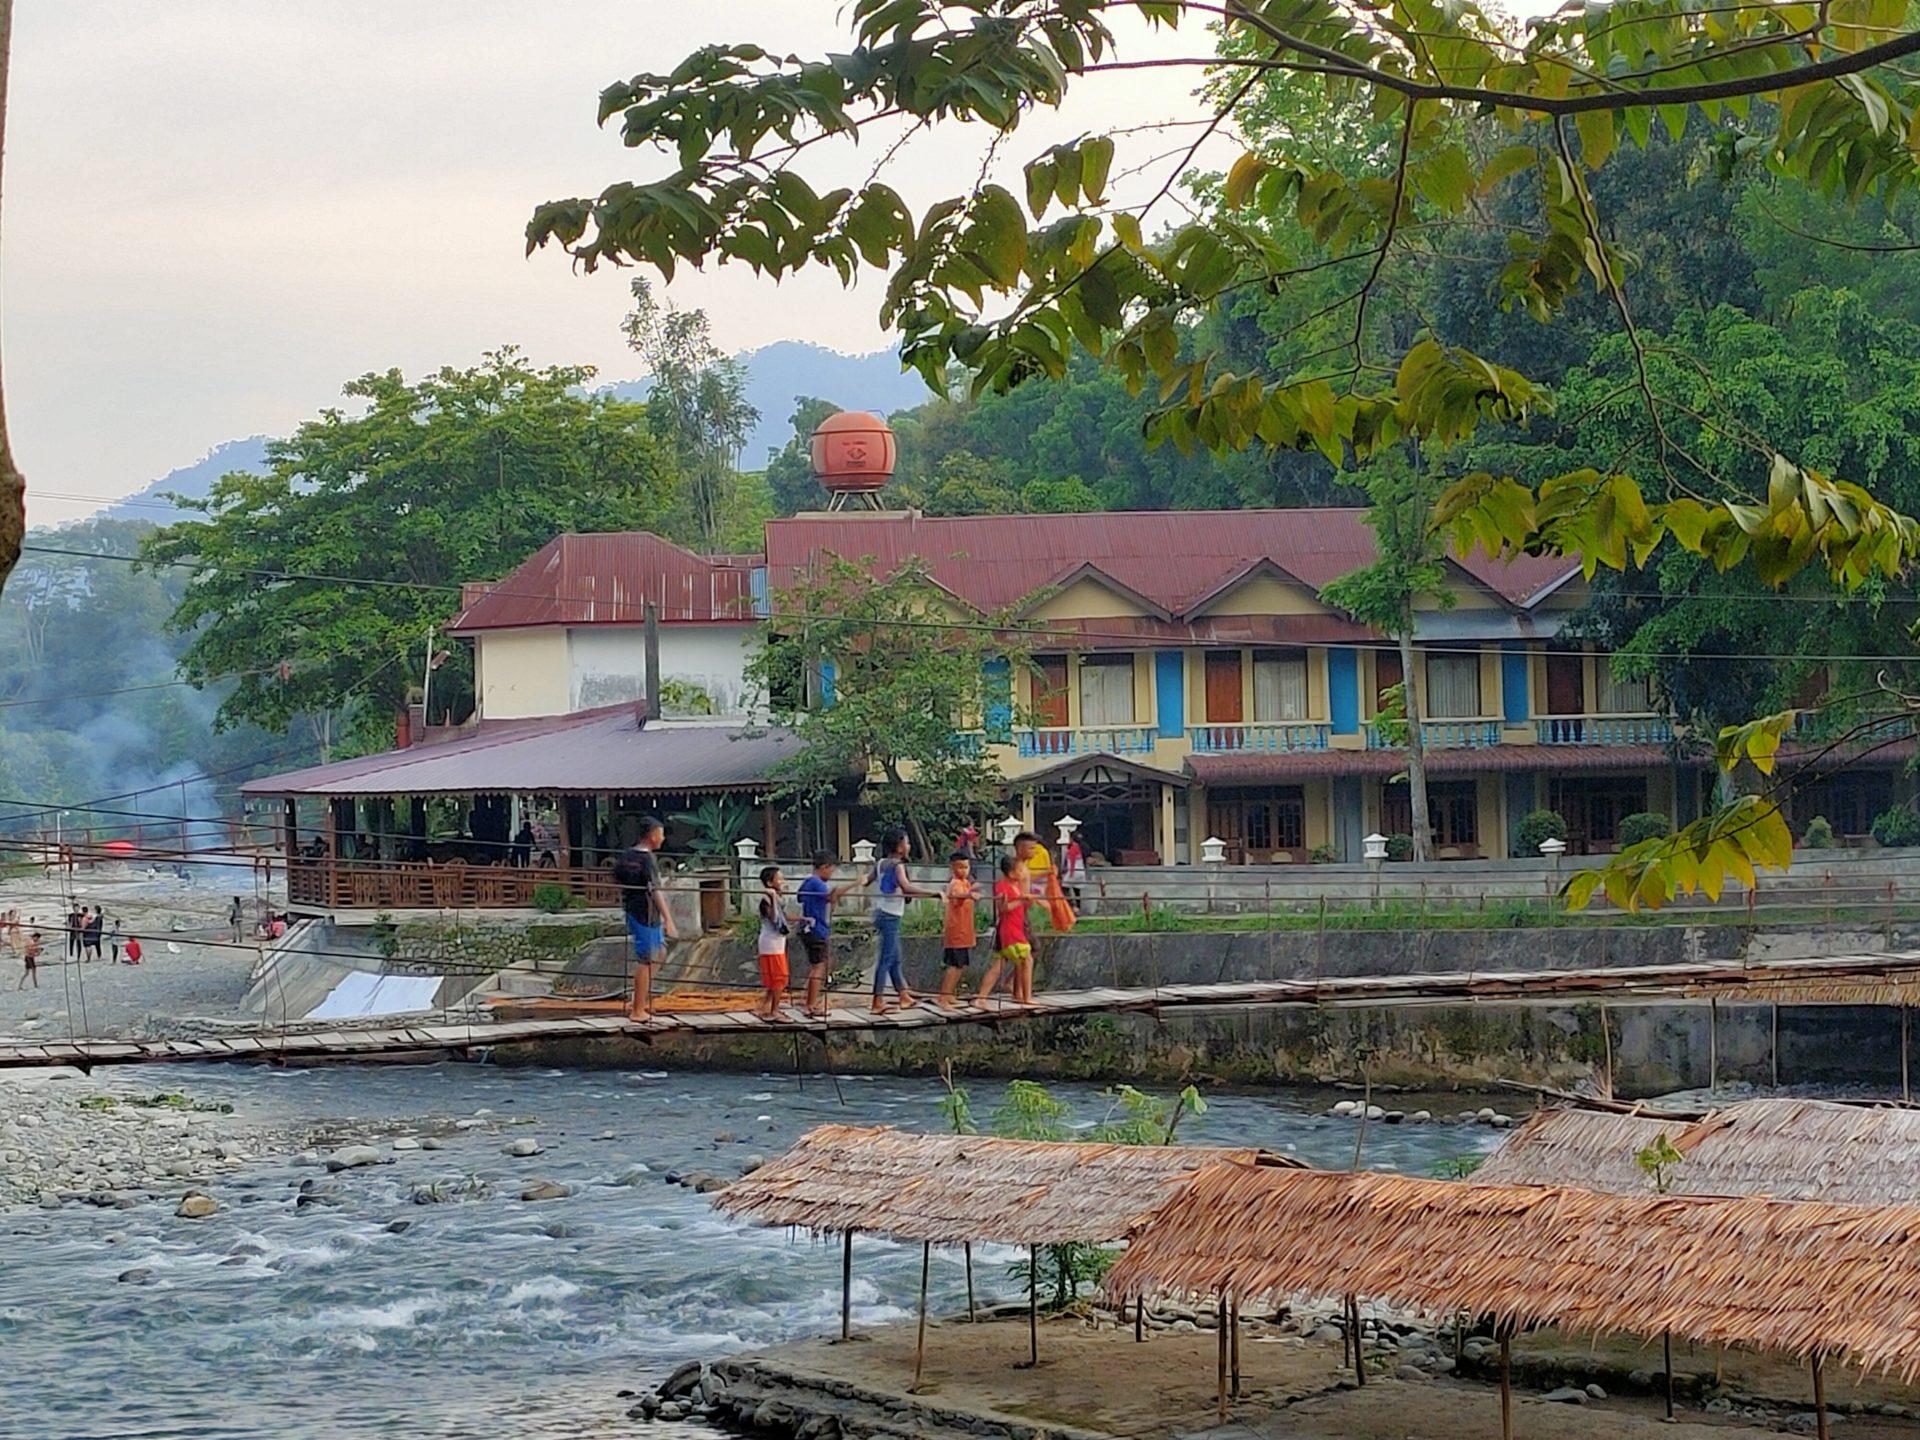 Bohorok Rivier, Bukit Lawang